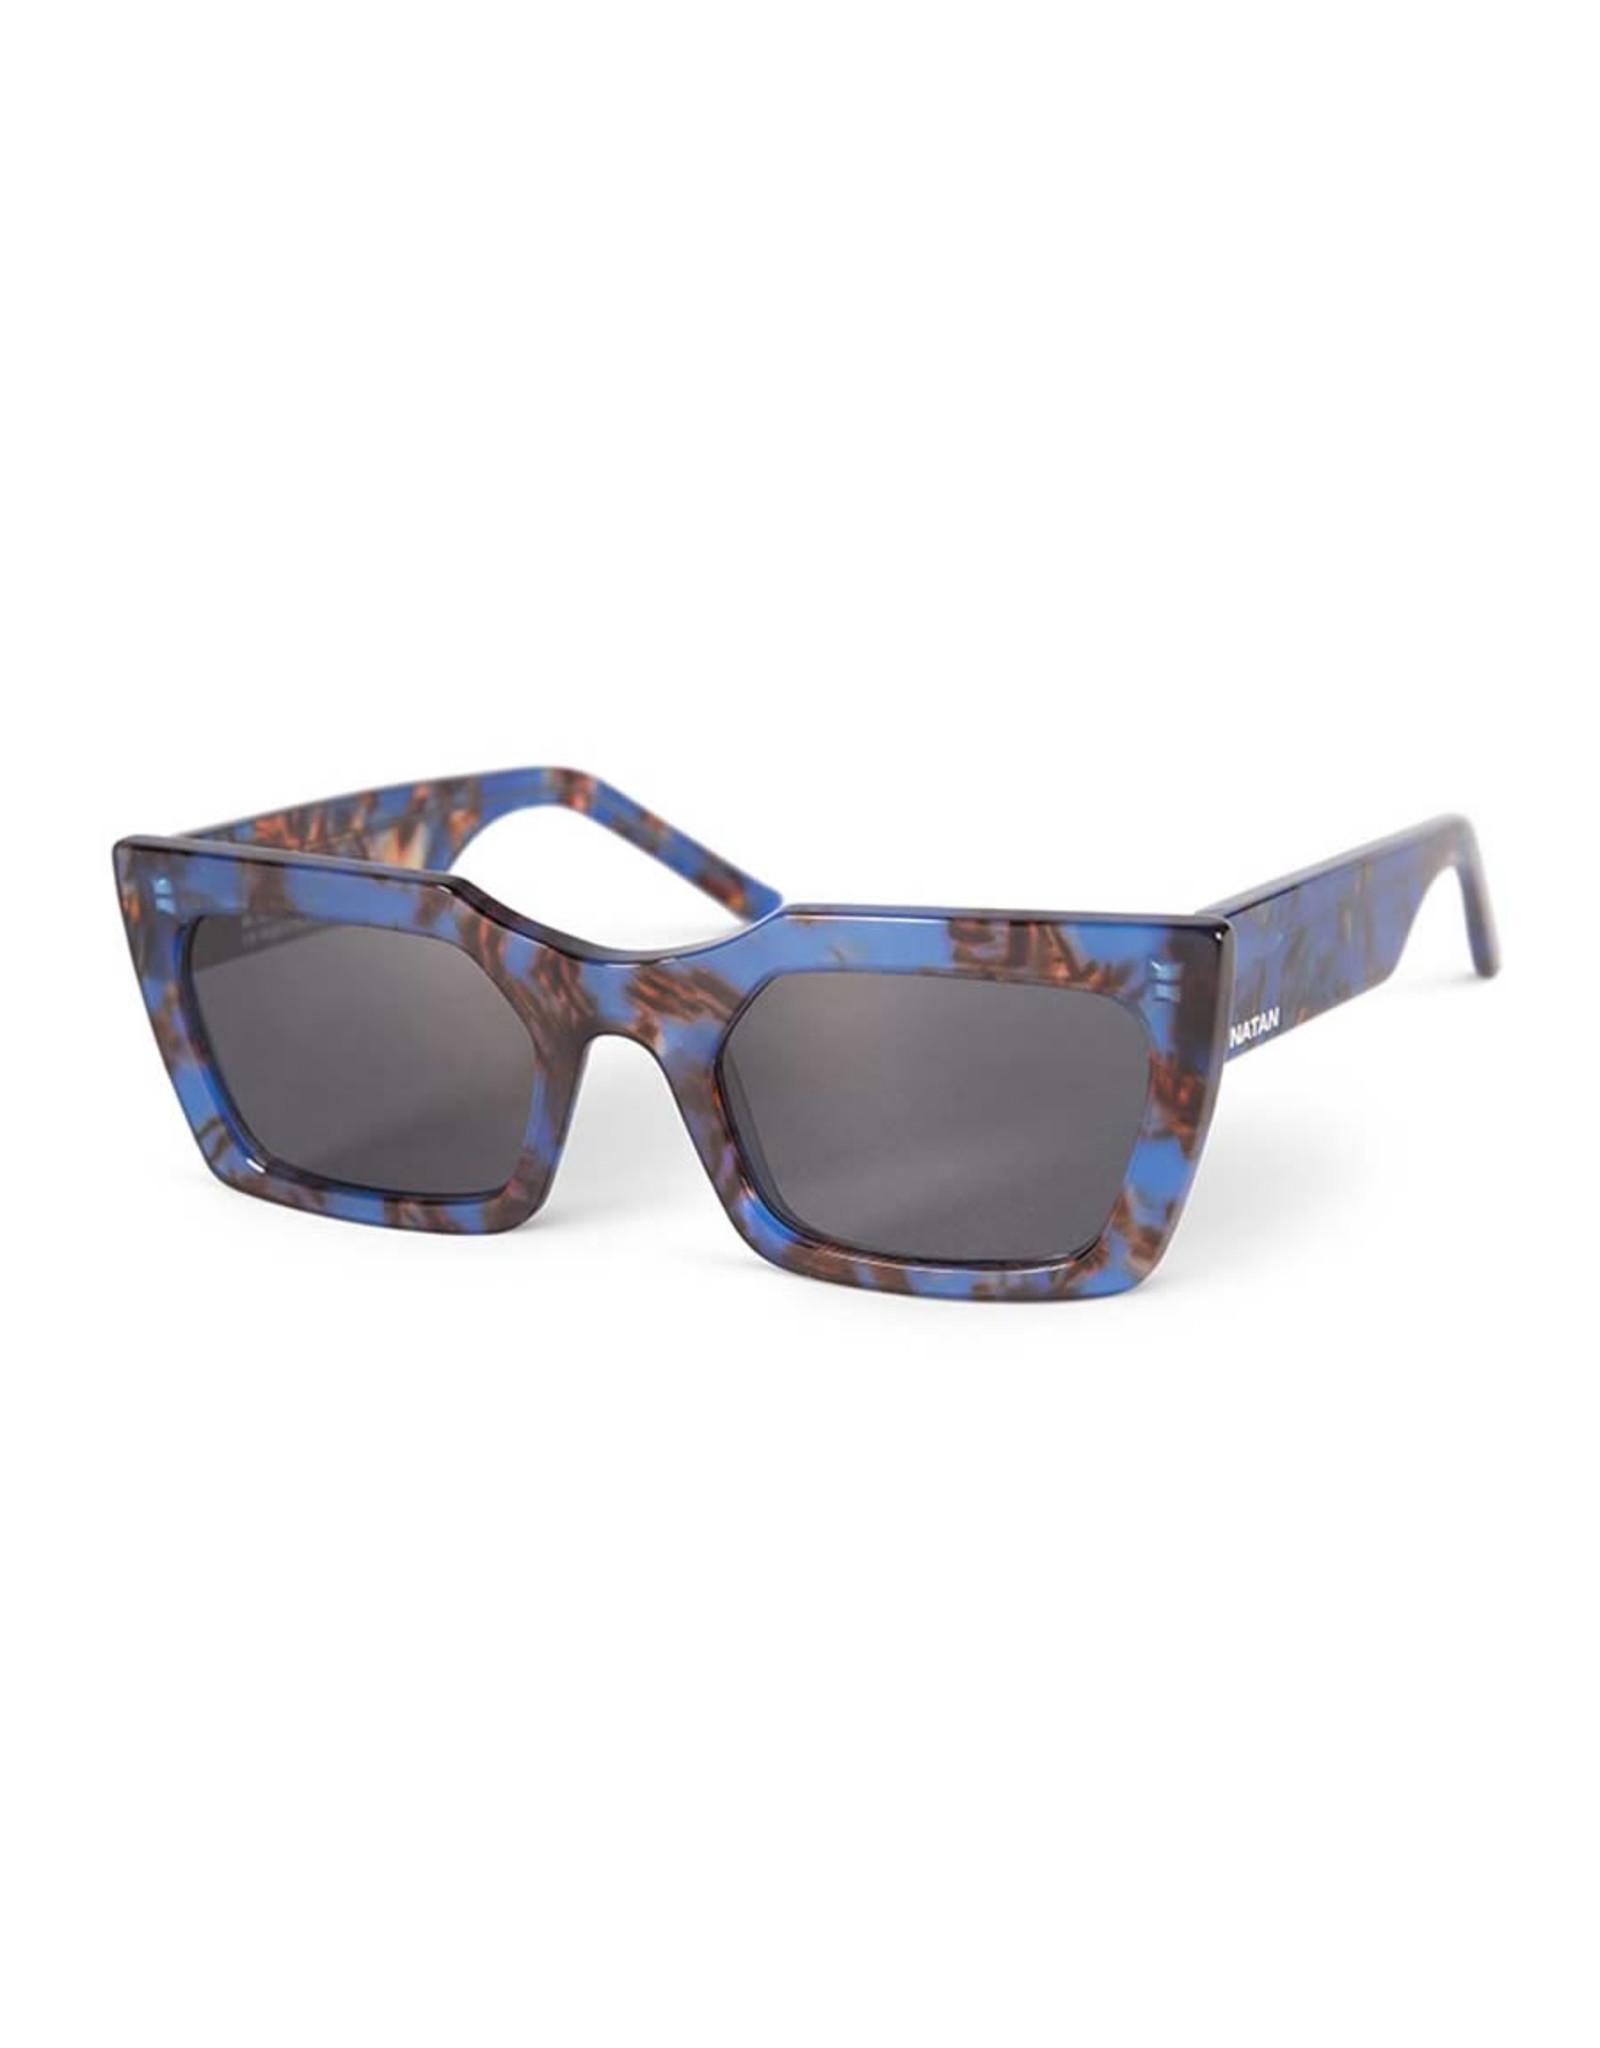 Natan eyewear S55